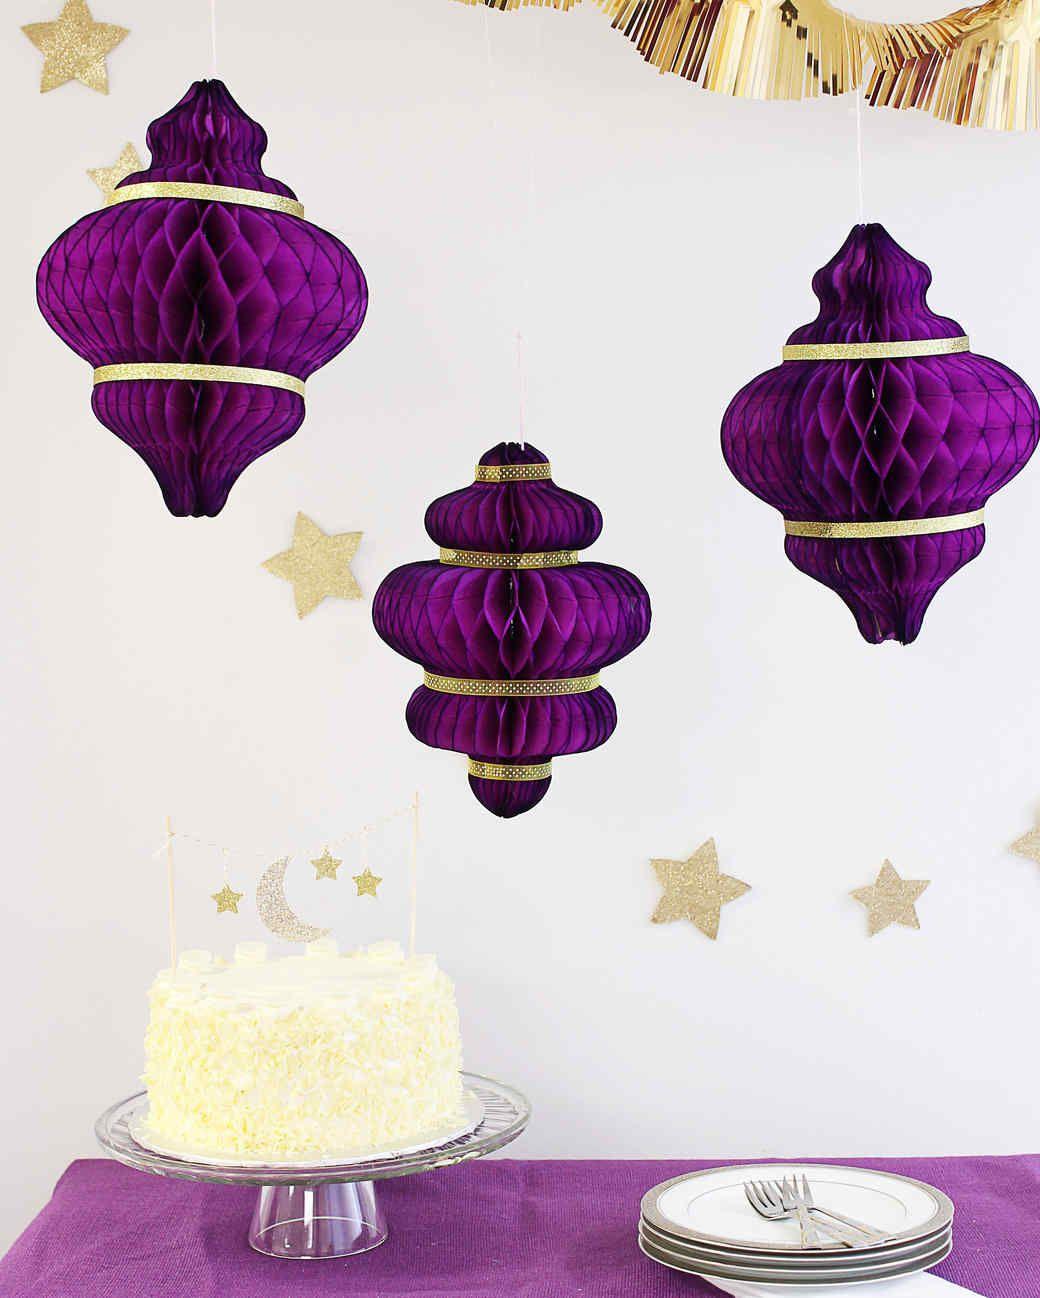 Beautiful Free Printable Eid Al-Fitr Decorations - fb0f538fa62157b4fc97d01f01cd83b2  Perfect Image Reference_607450 .jpg